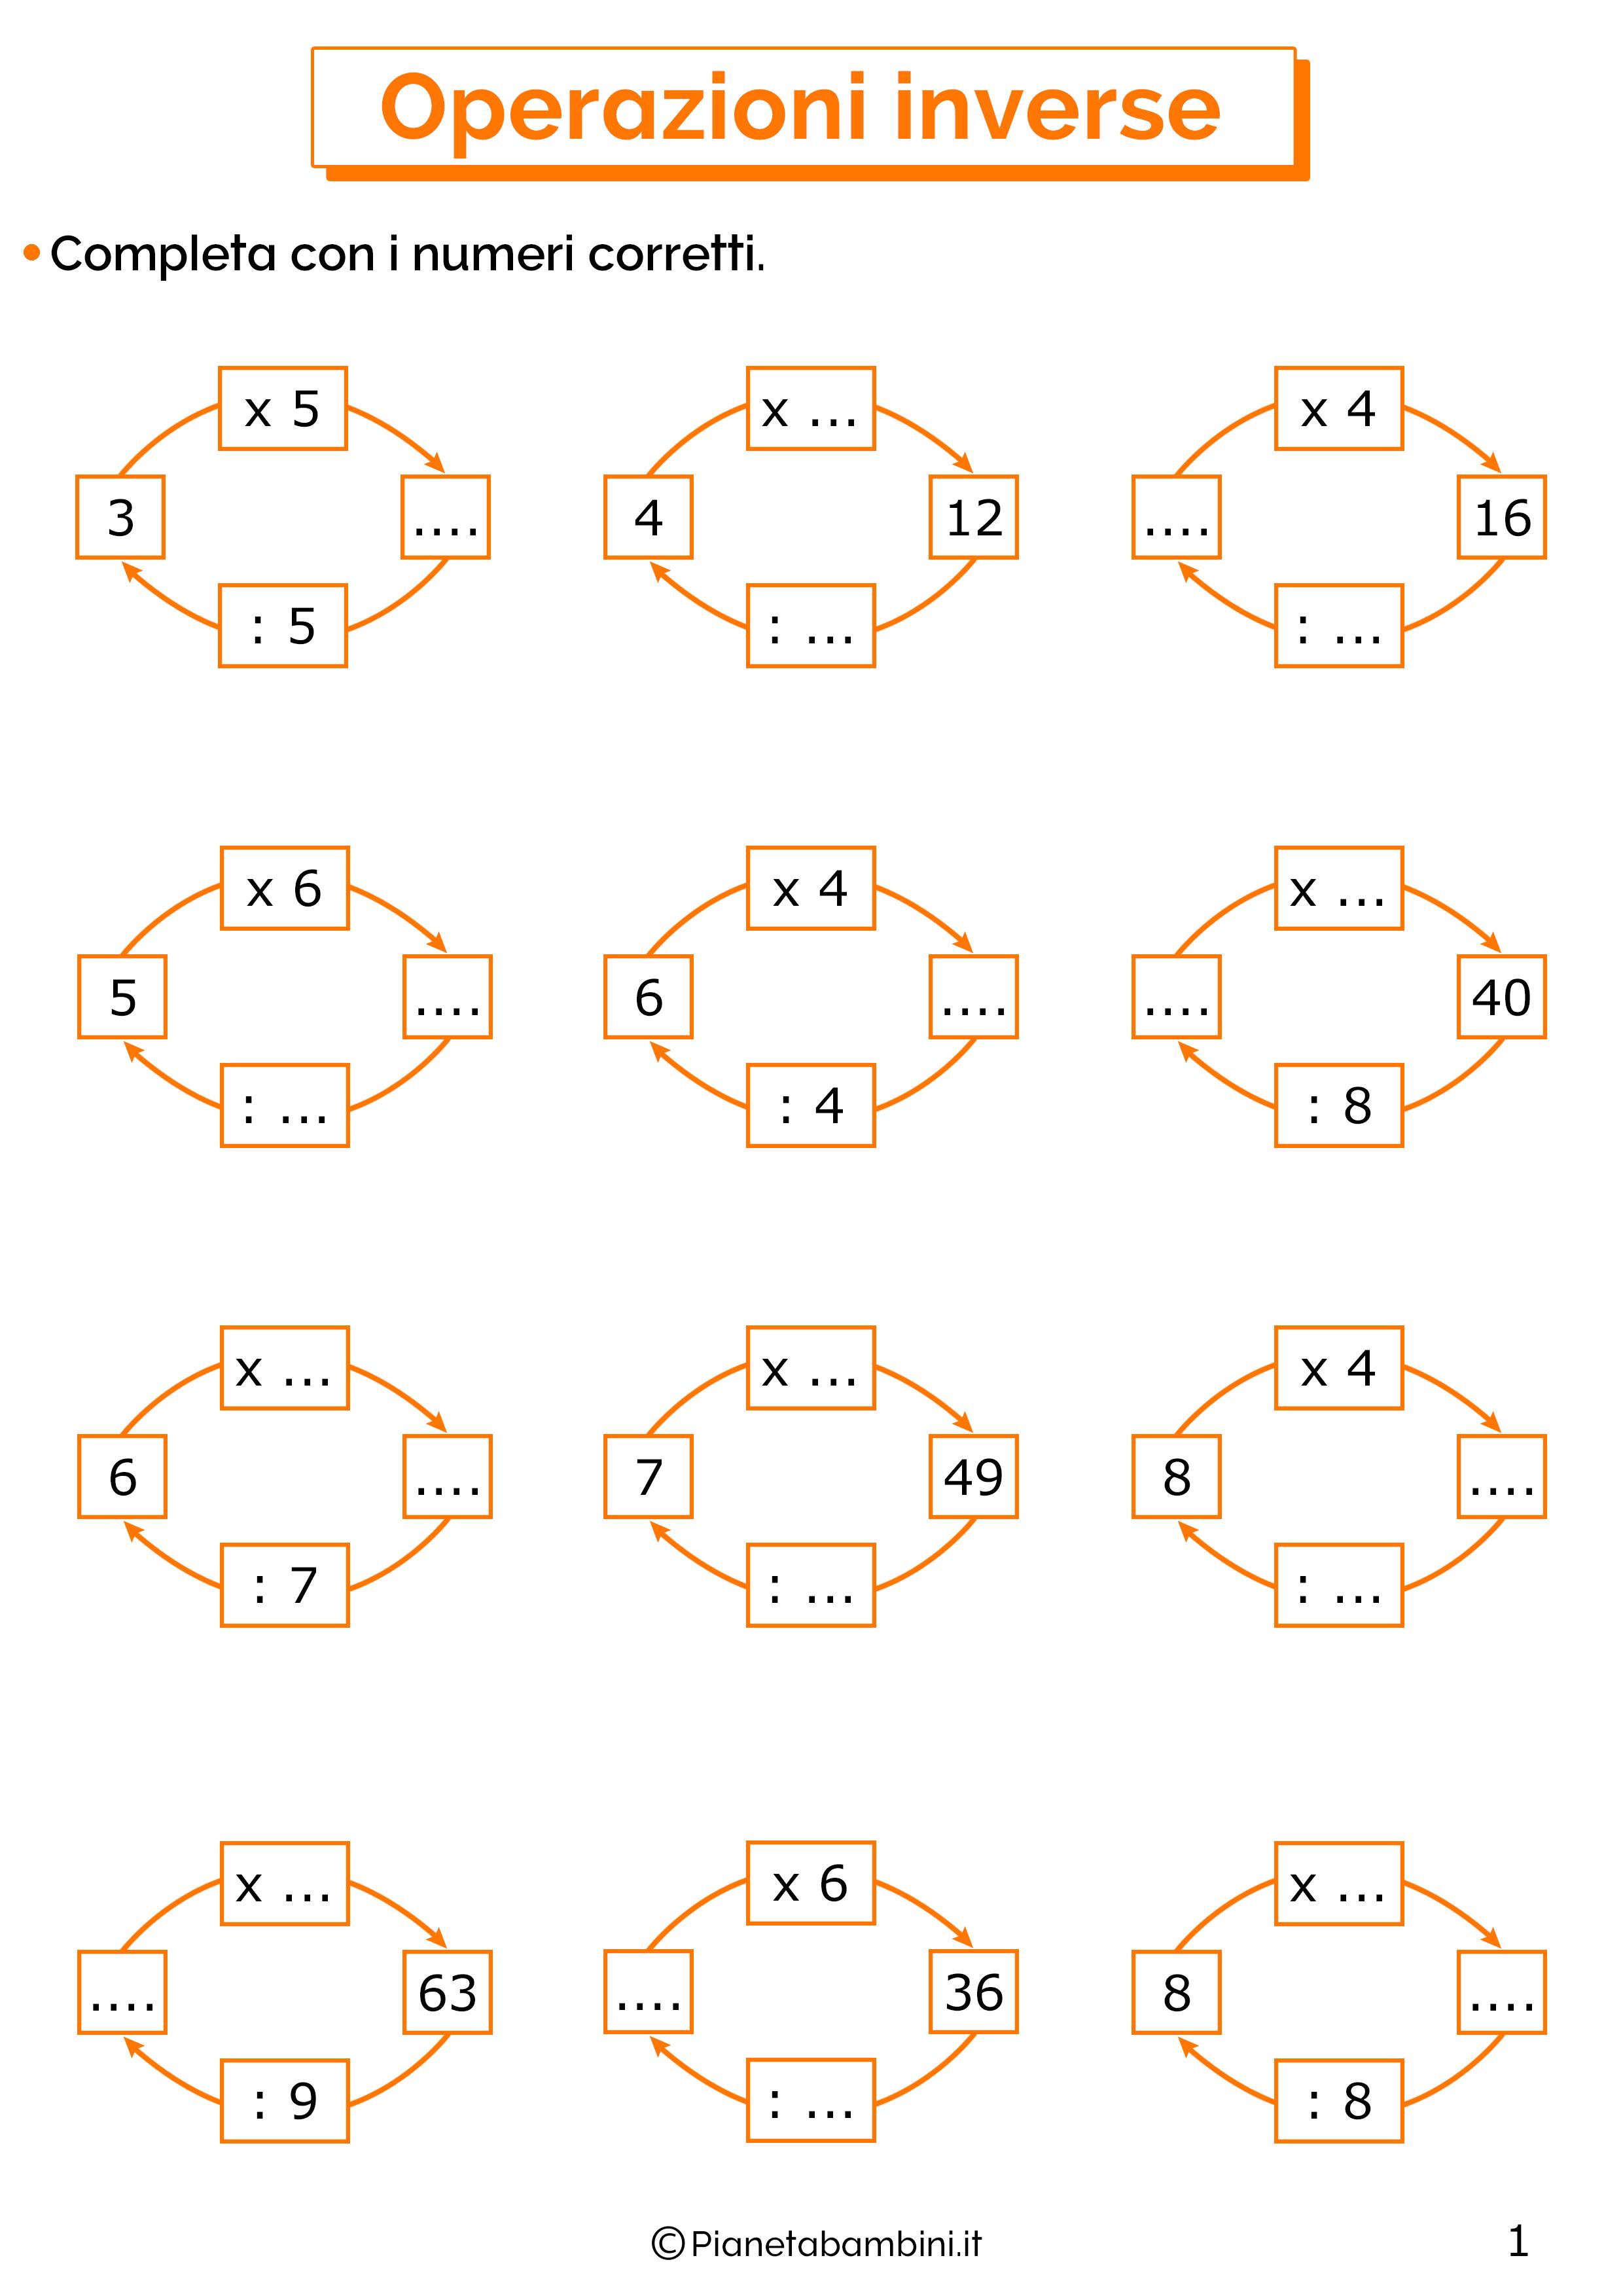 Esercizi sulle operazioni inverse di moltiplicazioni e divisioni 1